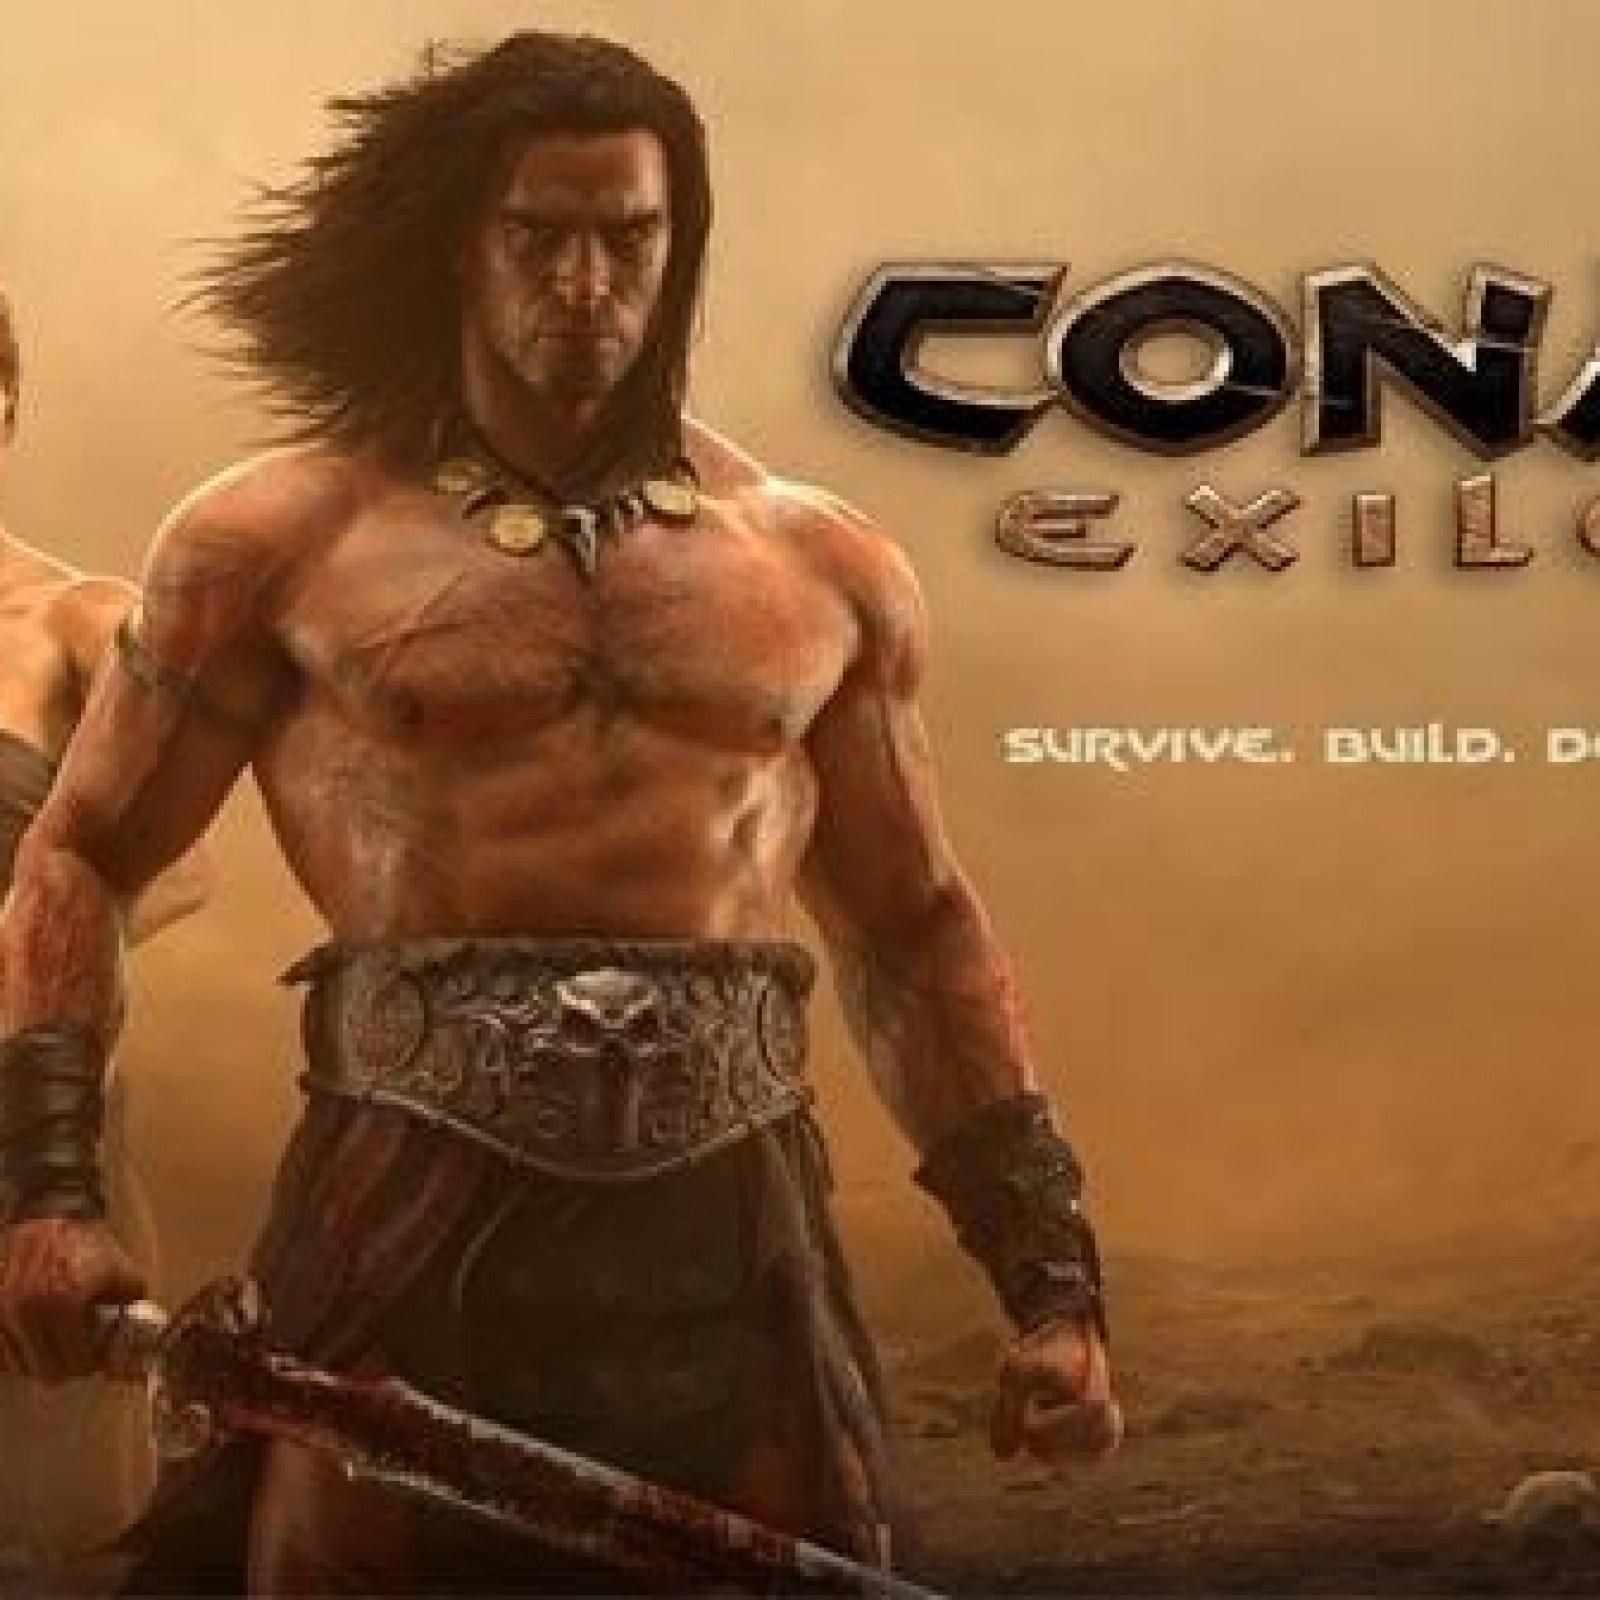 Conan Exiles' Update Brings New Treasures of Turan DLC, Year